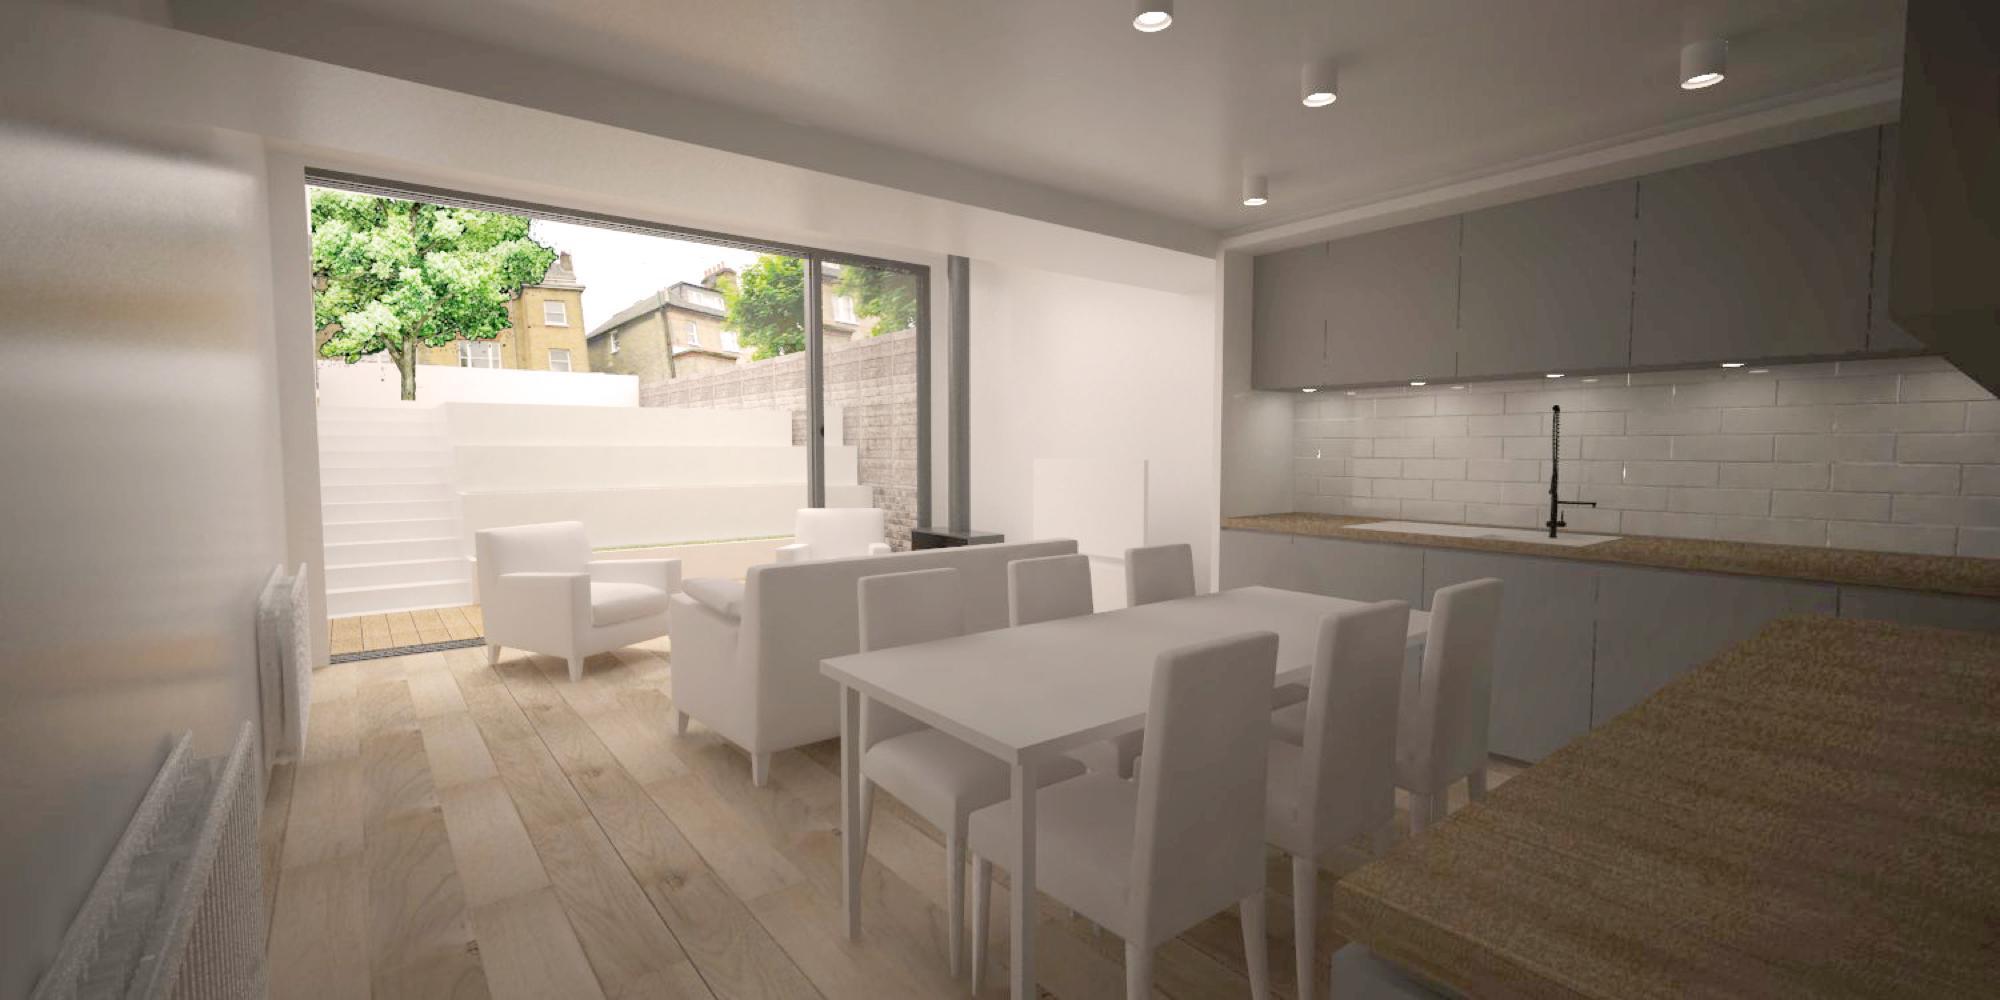 N7 Extension Living Room Rendering